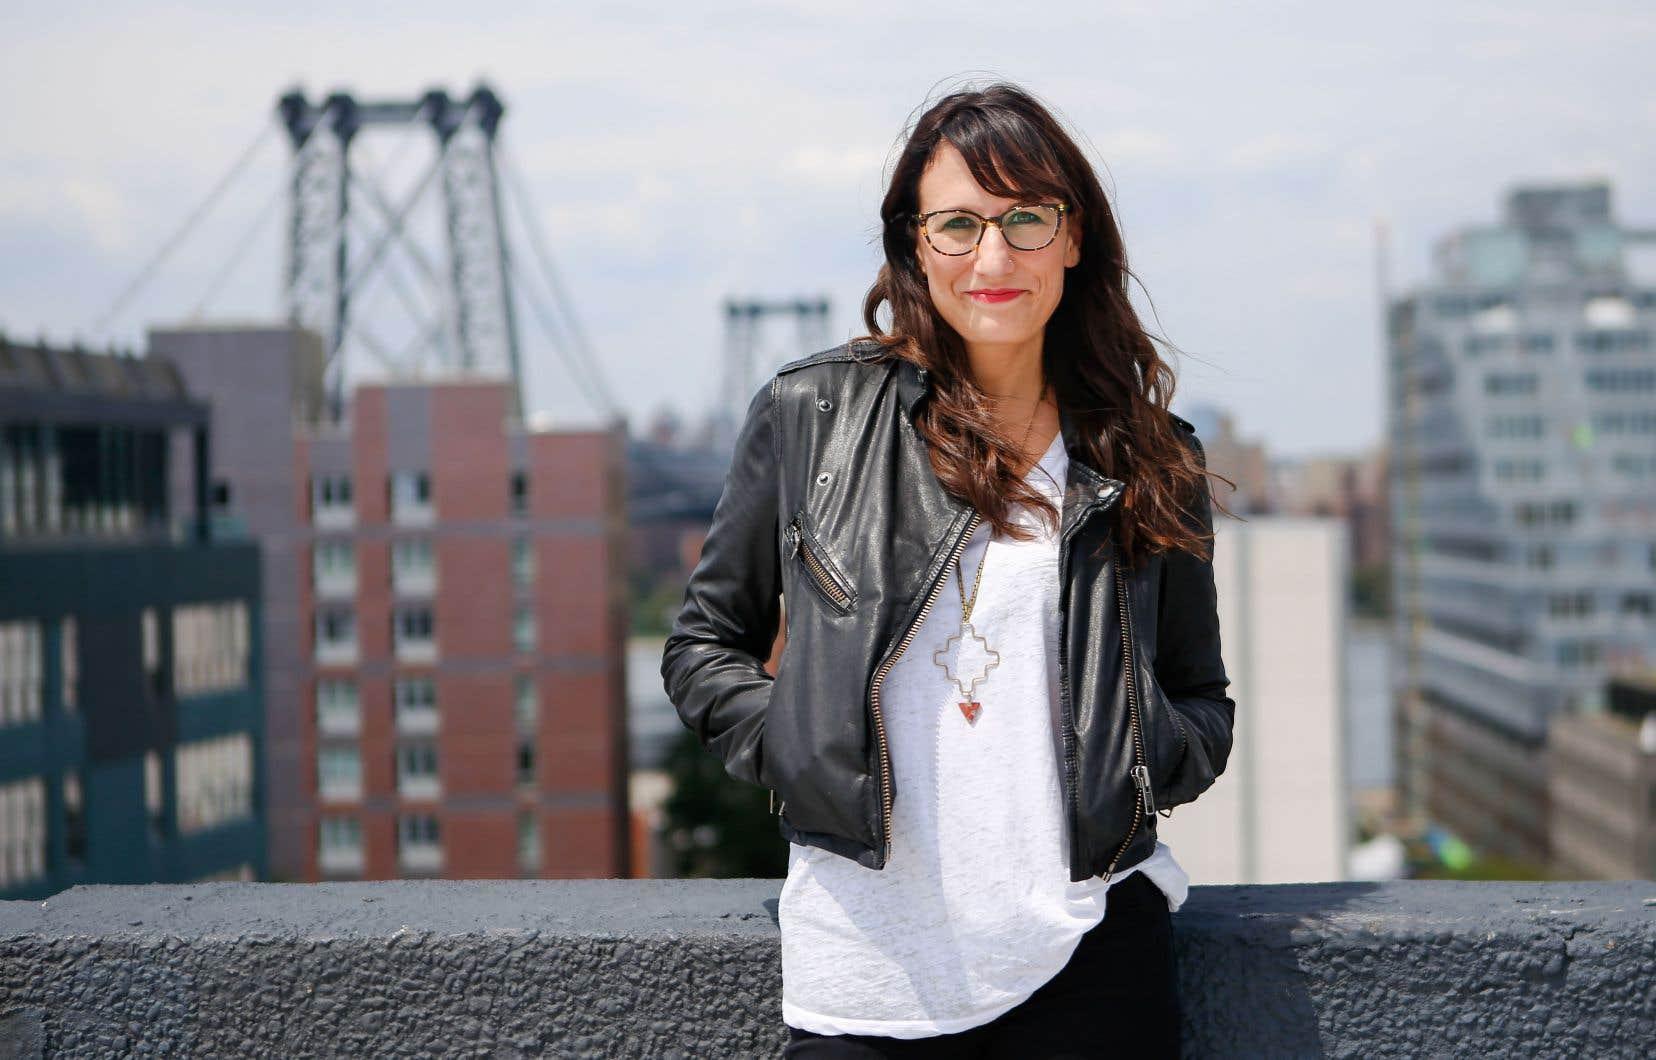 Jessica Bennett a l'occasion de façonner la couverture journalistique du New York Times.